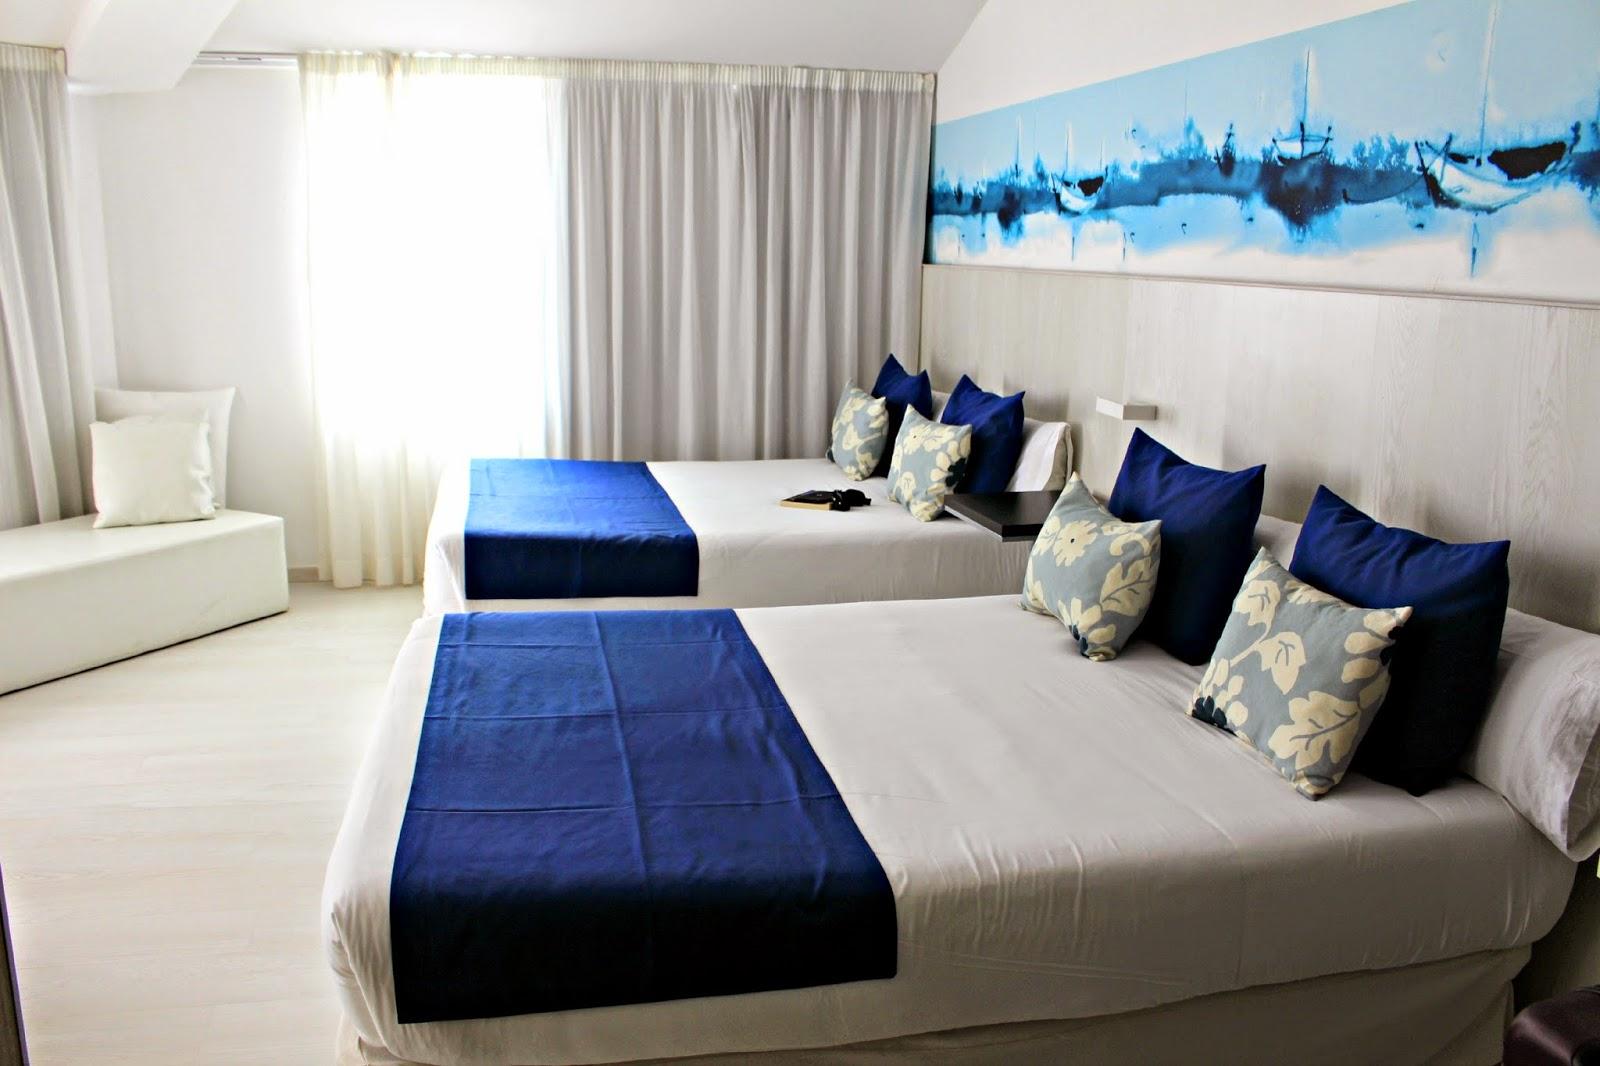 Fergus Hotel Mar Mediterrania Santa Susanna Spain room